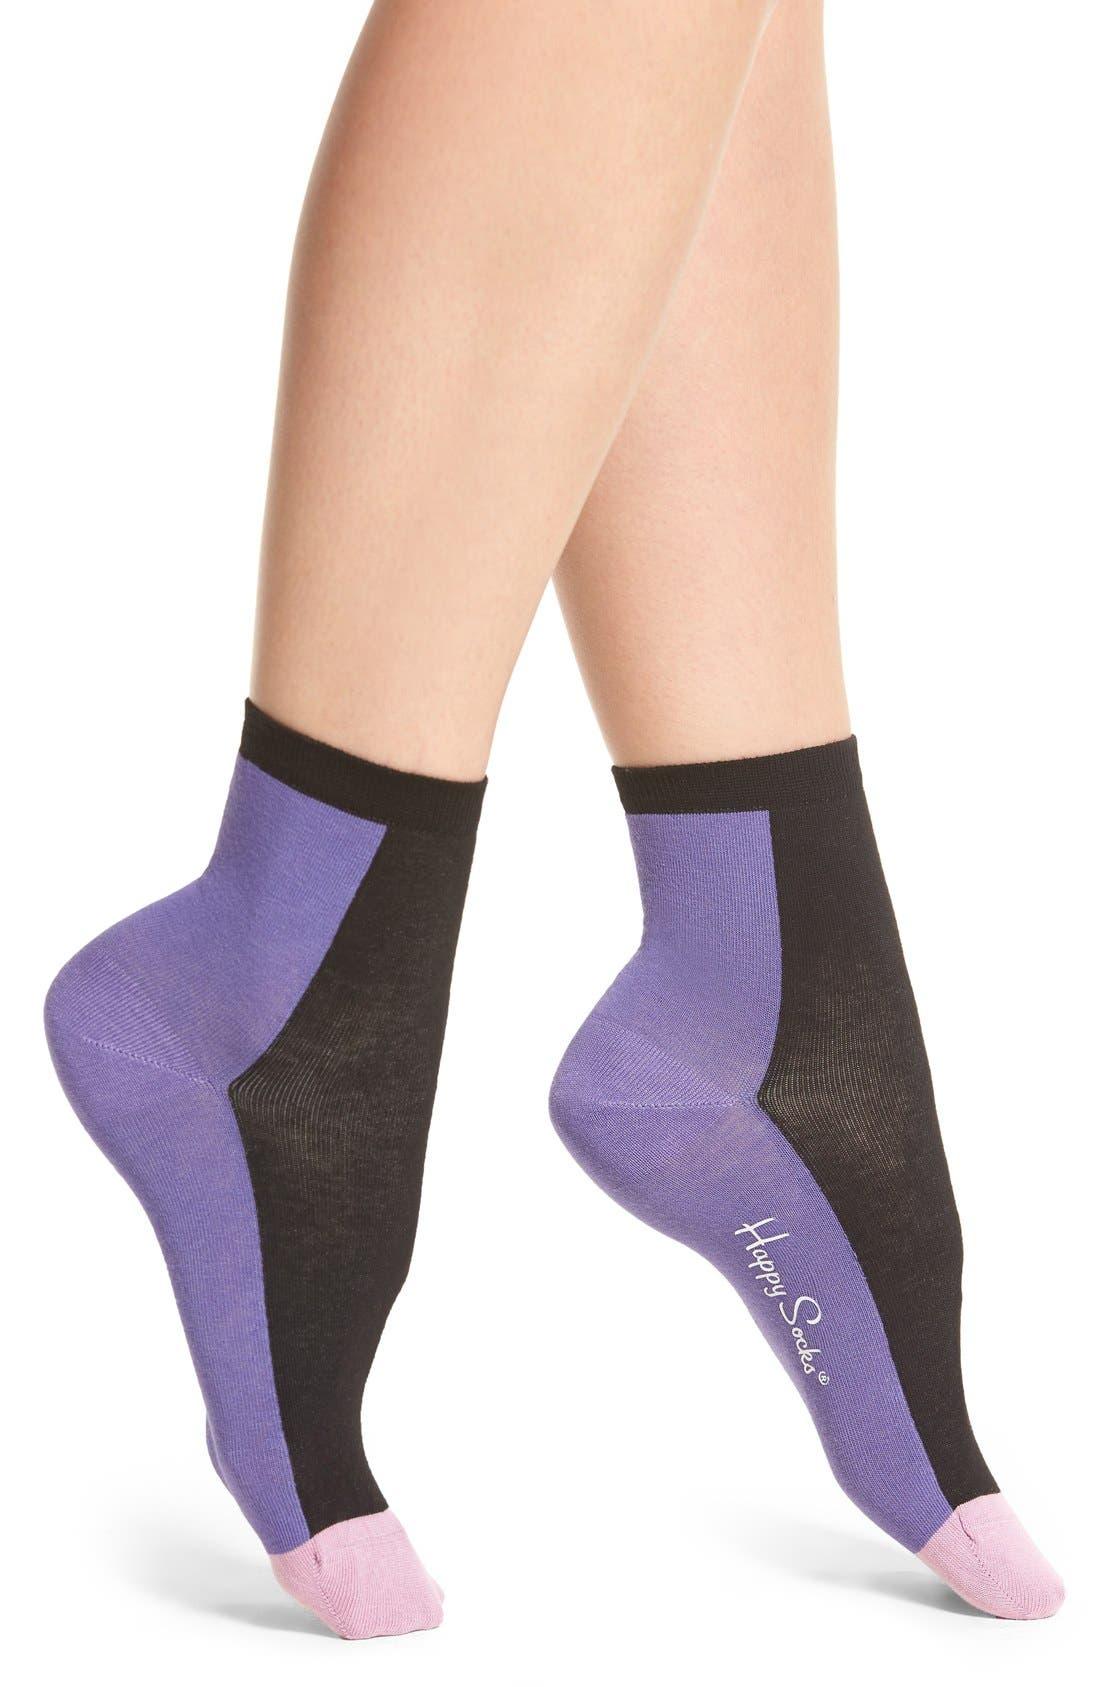 Anklet Socks,                         Main,                         color, 015